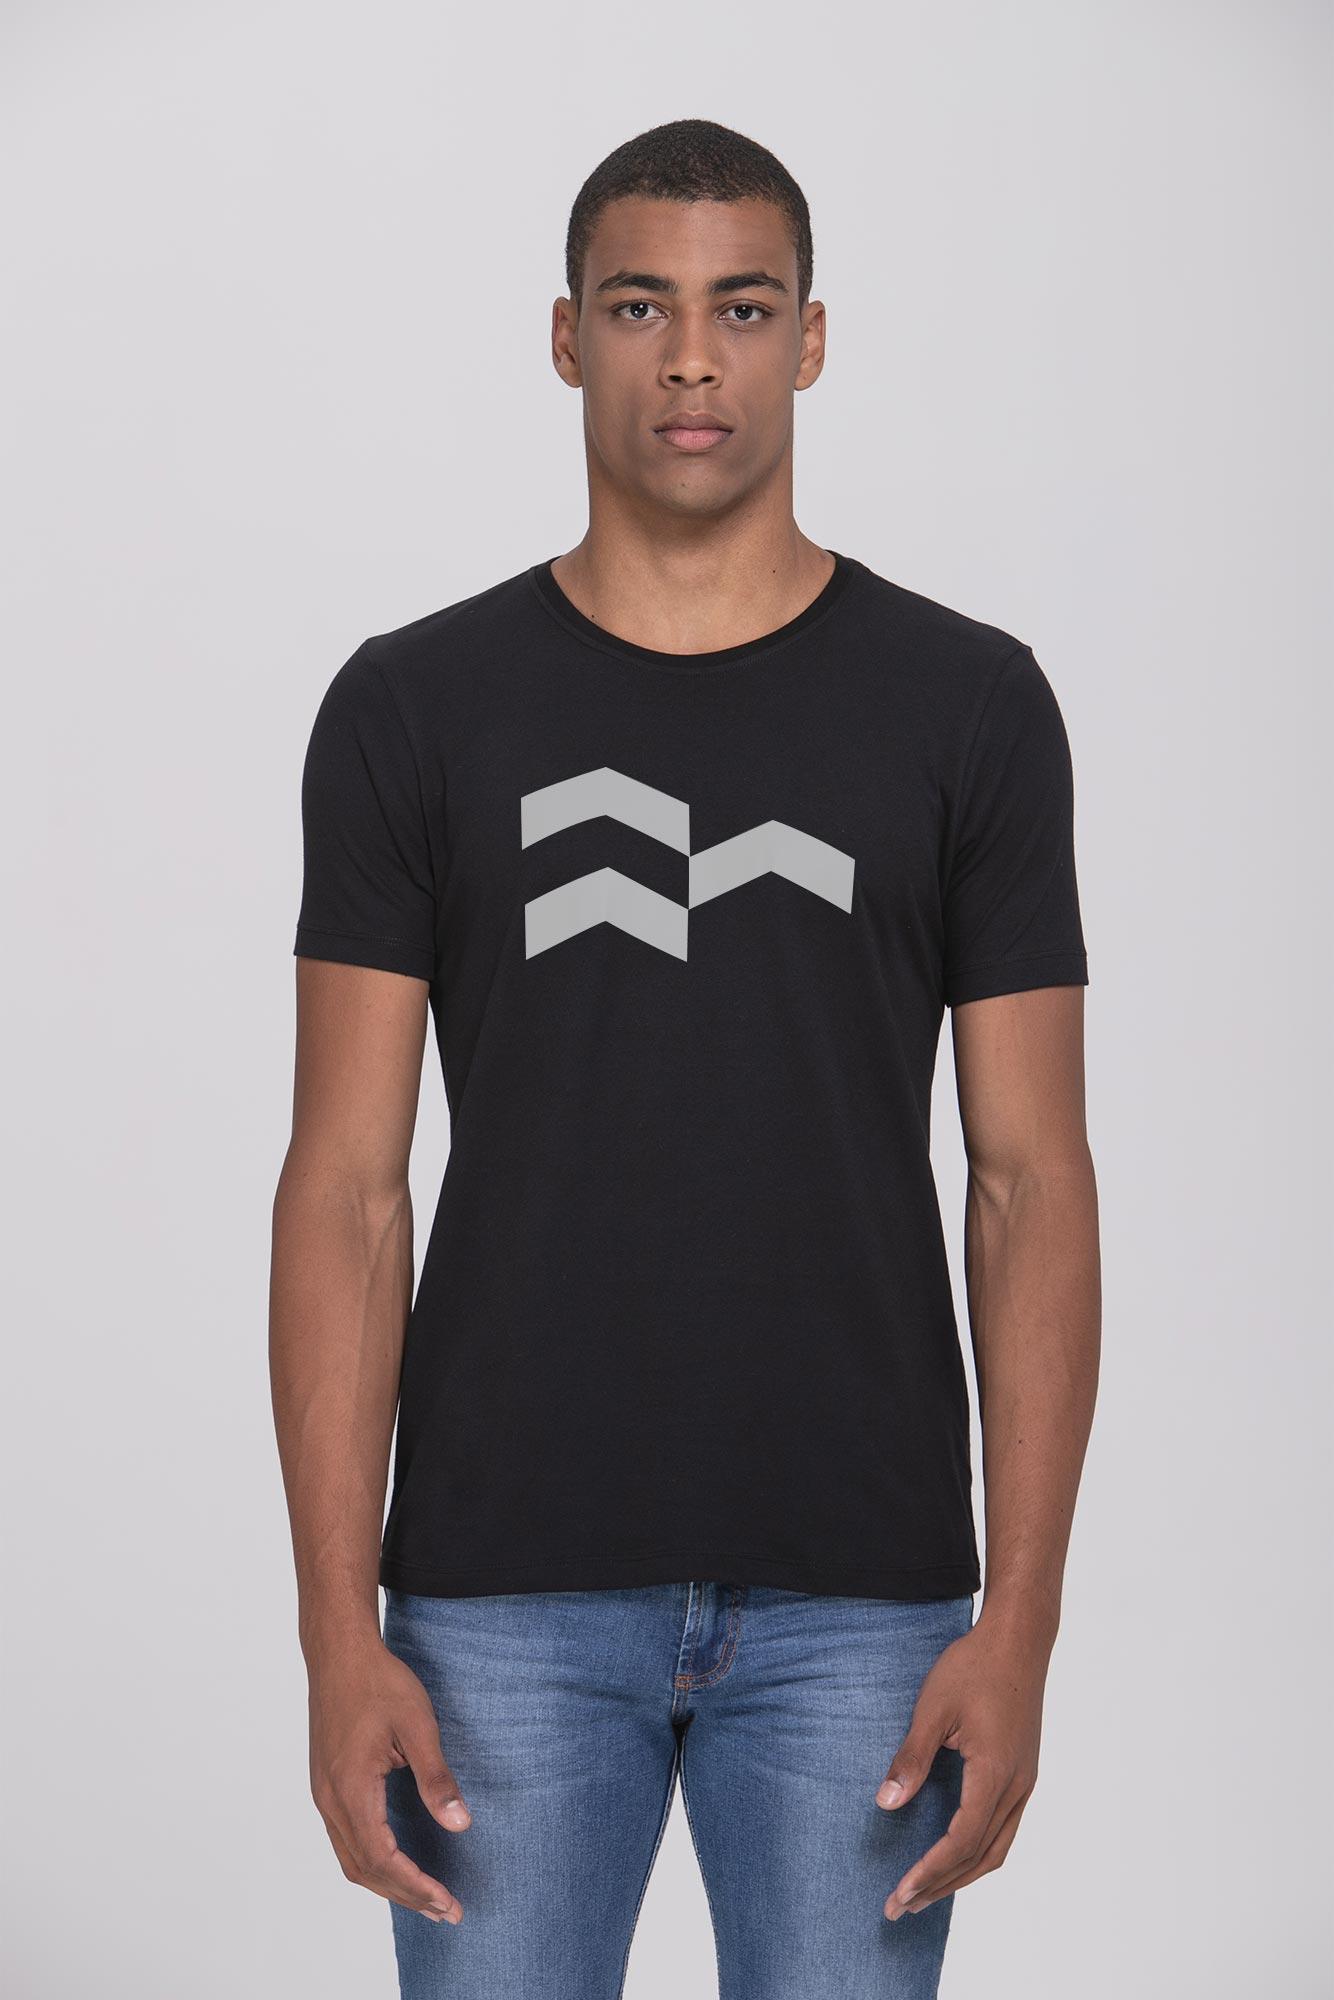 Camiseta Símbolo Gráfico Black